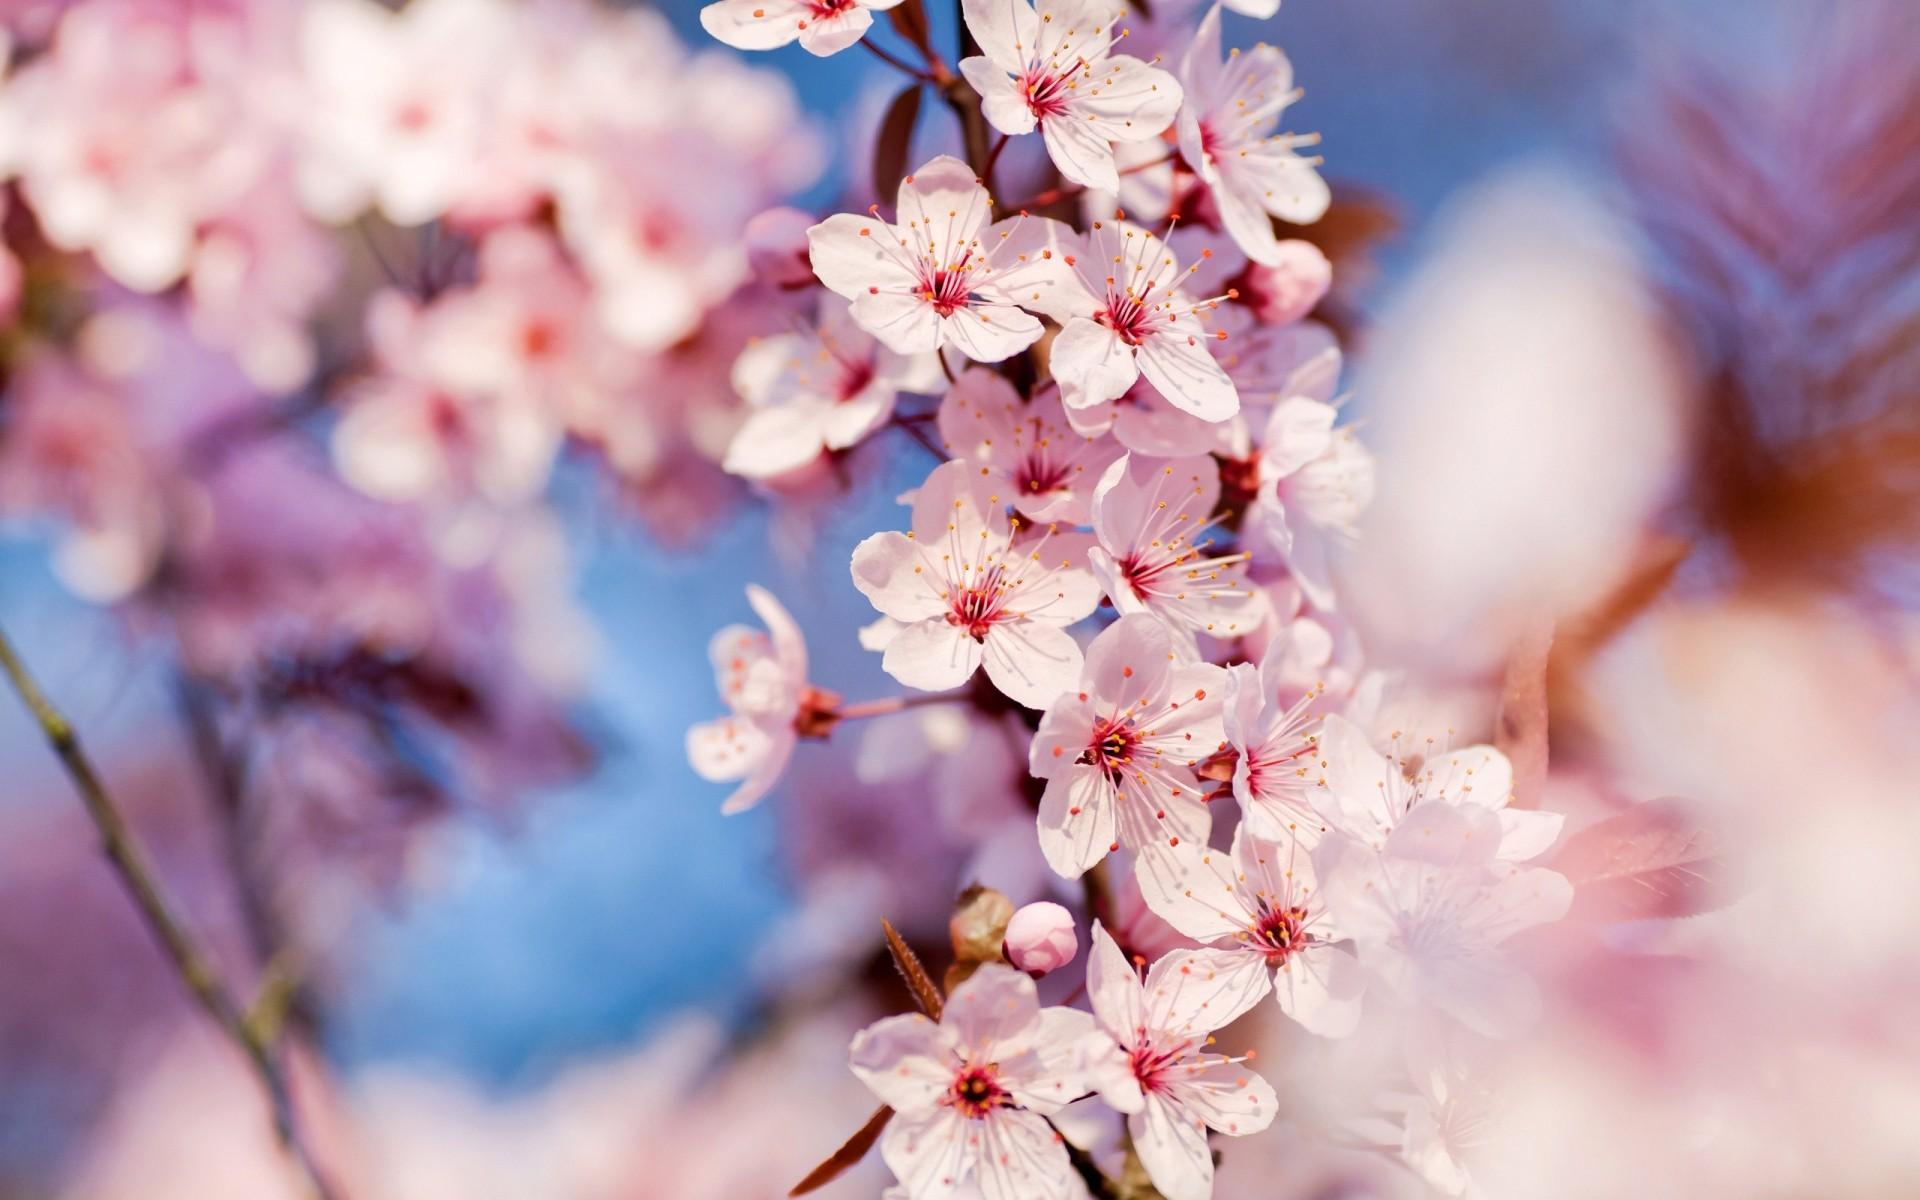 тоже картинка на рабочий стол телефон весна обошлось без вкусных